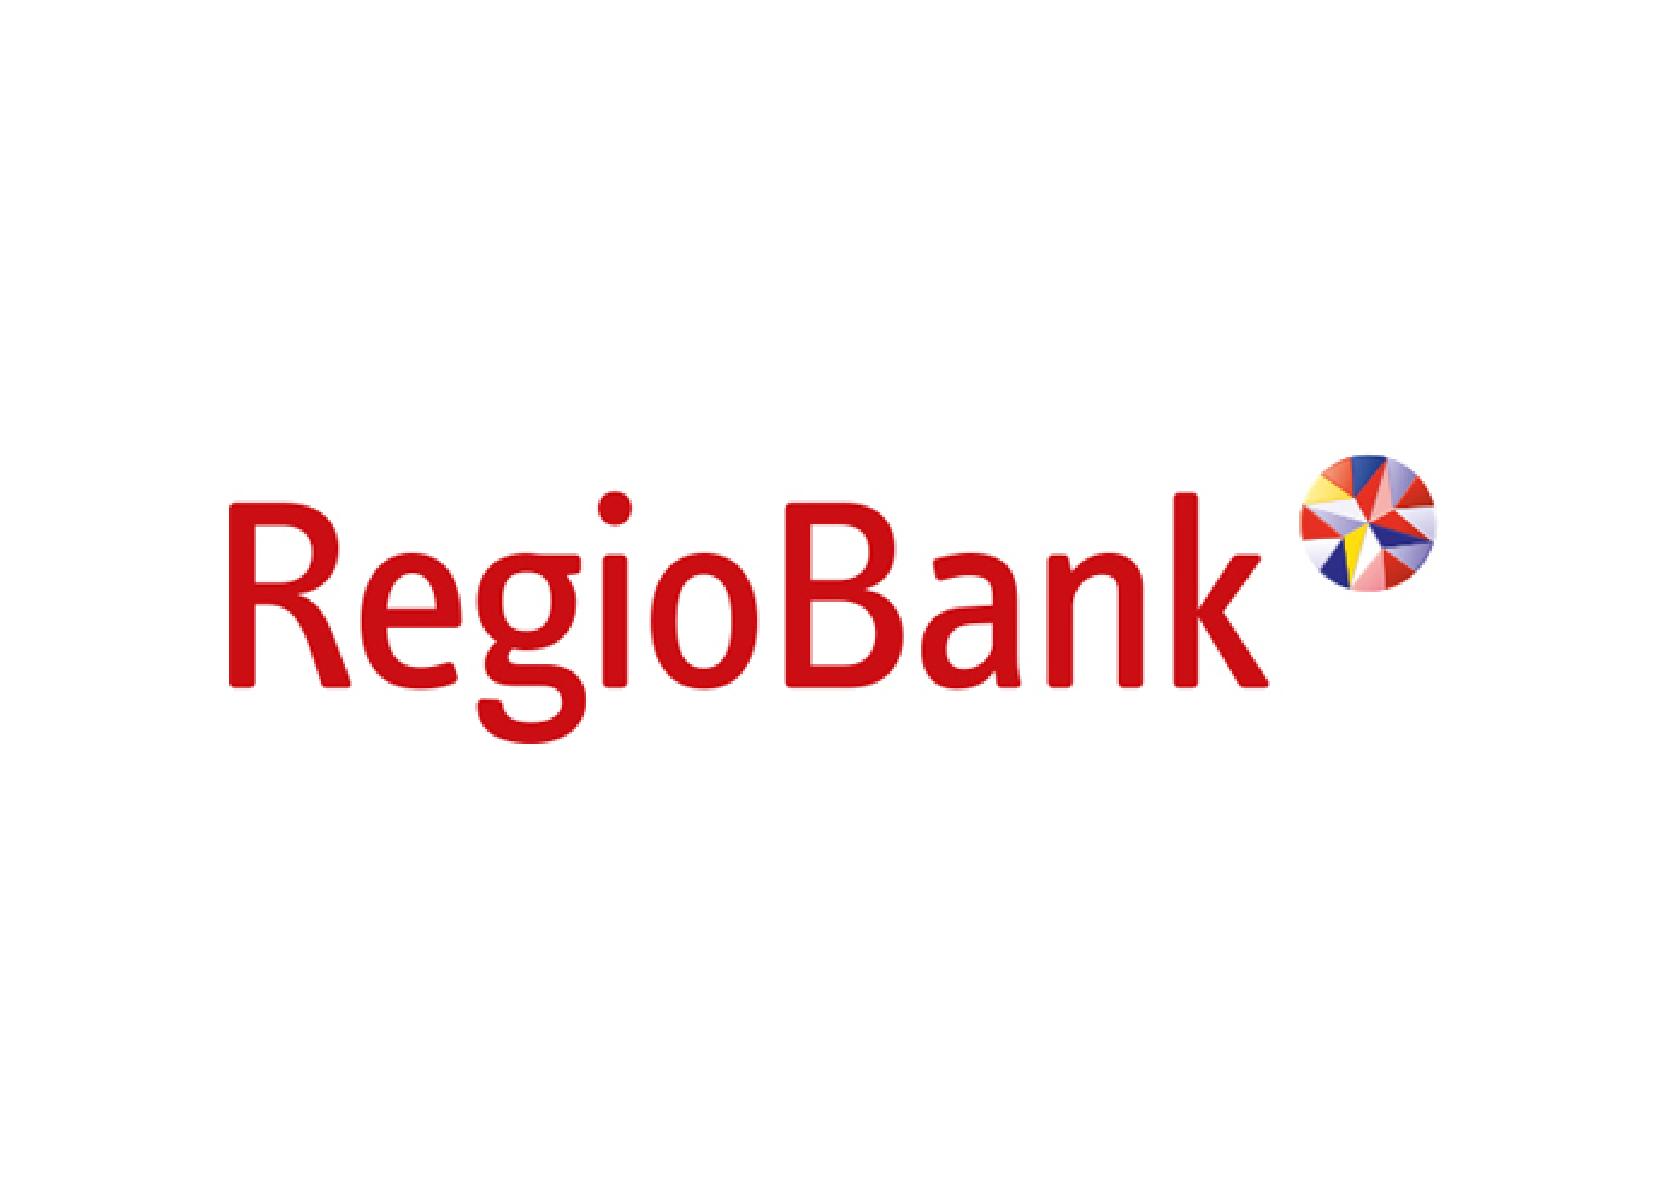 Regiobank Hypotheek & Assurantien